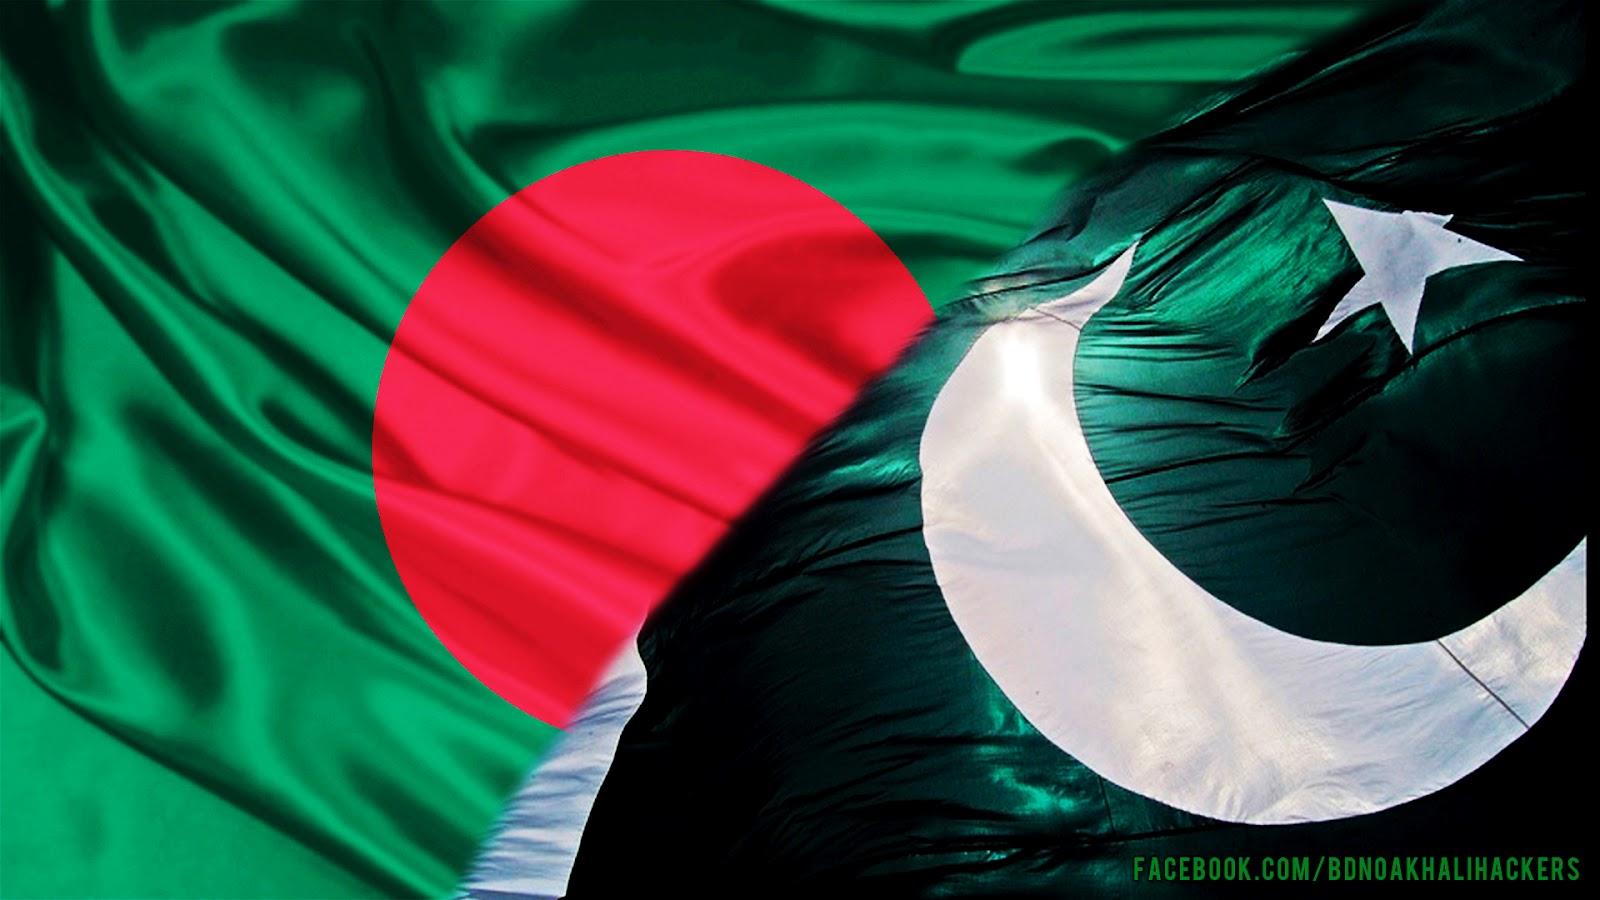 http://1.bp.blogspot.com/-gxiRglUtBHQ/T_tDshD6C6I/AAAAAAAAAD0/ESr1lnJnHjg/s1600/Bangladesh+Pakistan.jpg